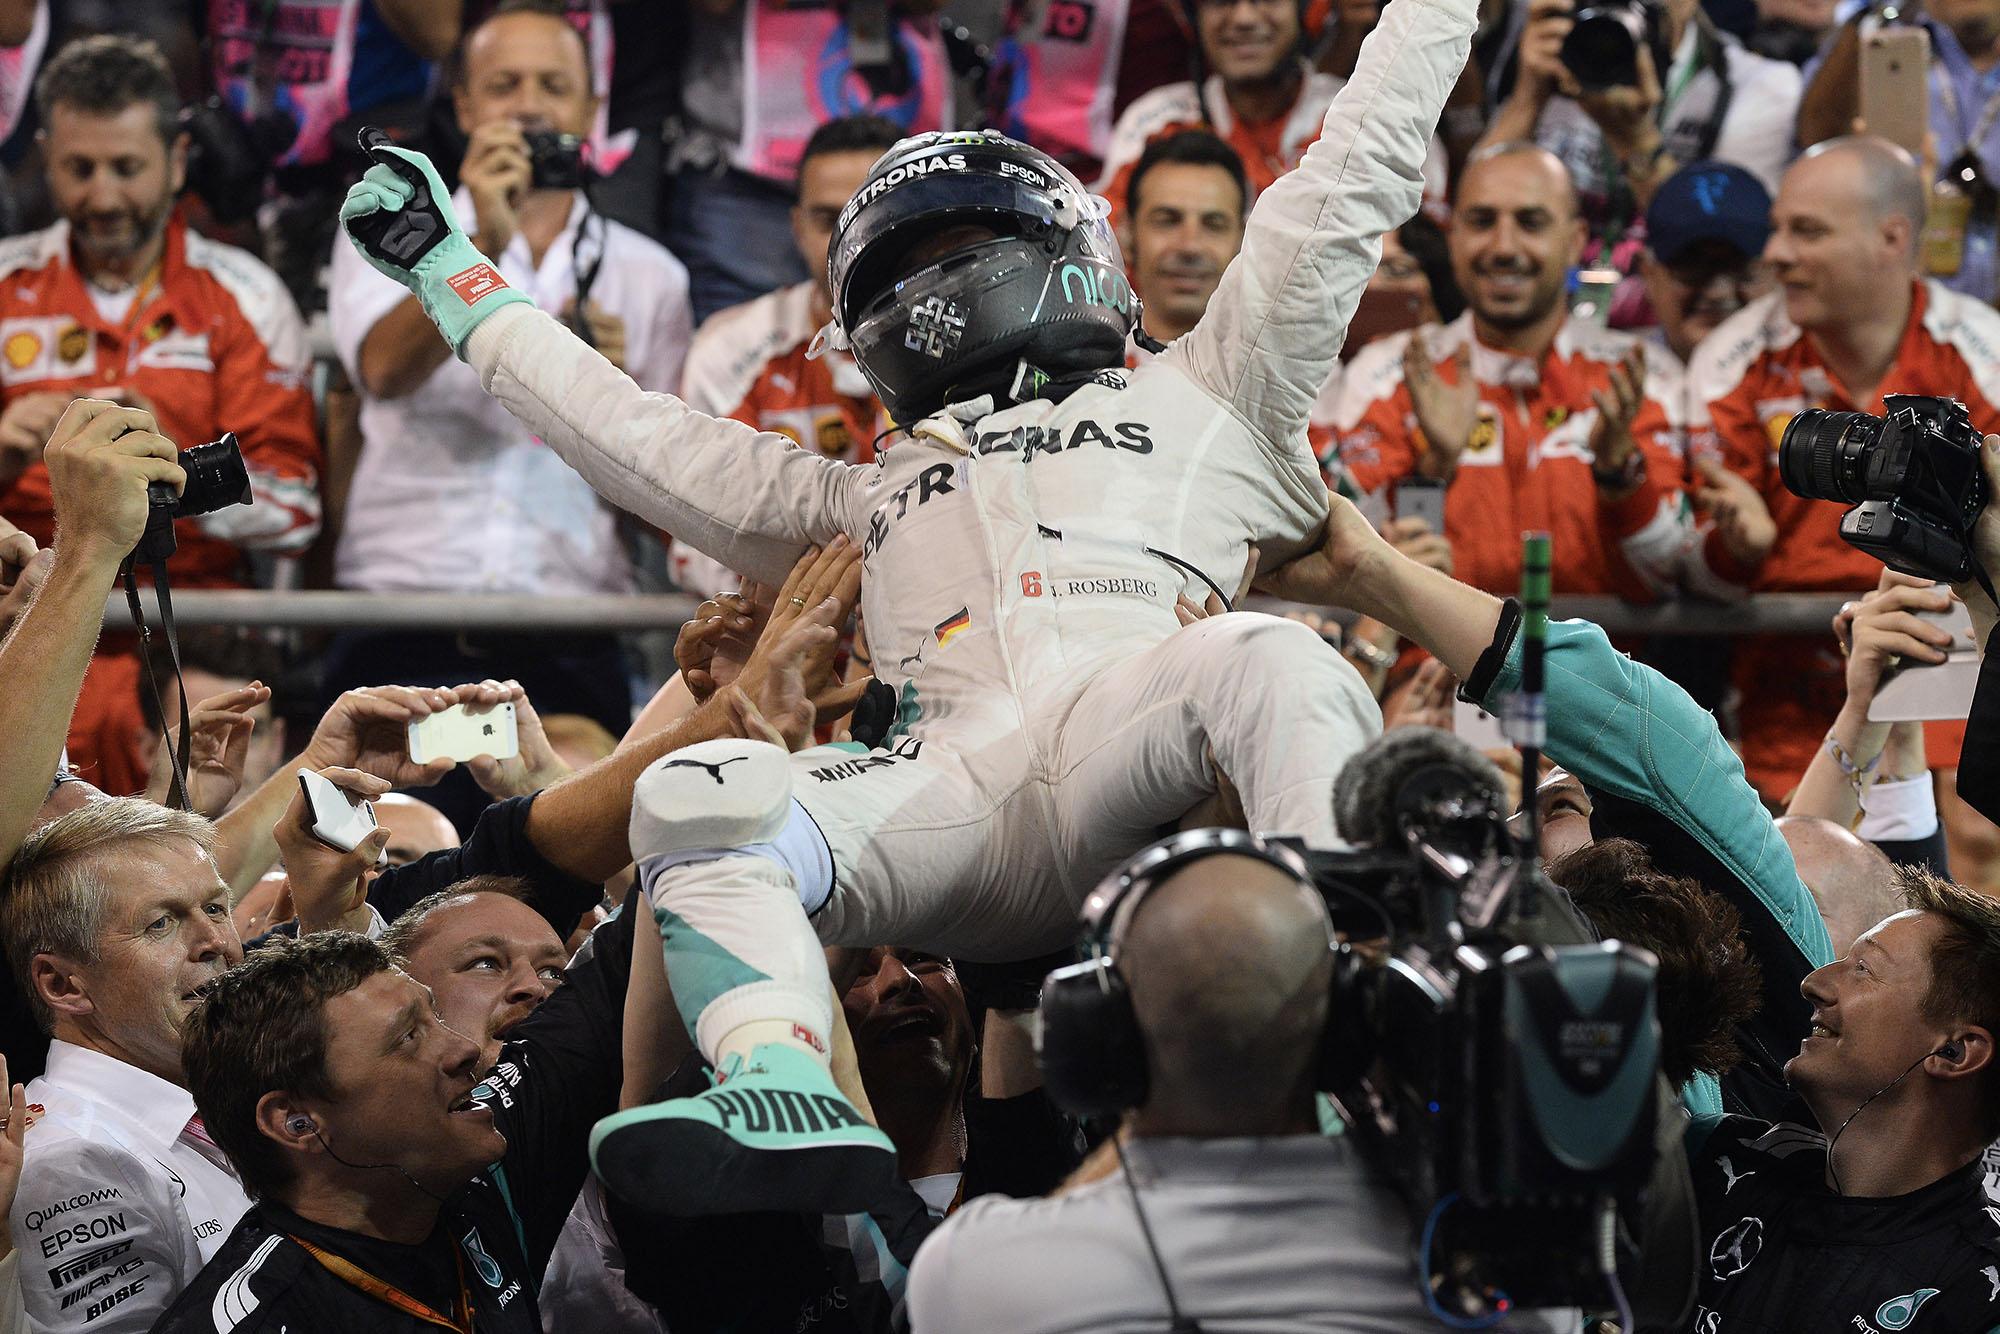 Nico Rosberg Mercedes celebrates 2016 Abu Dhabi Grand Prix